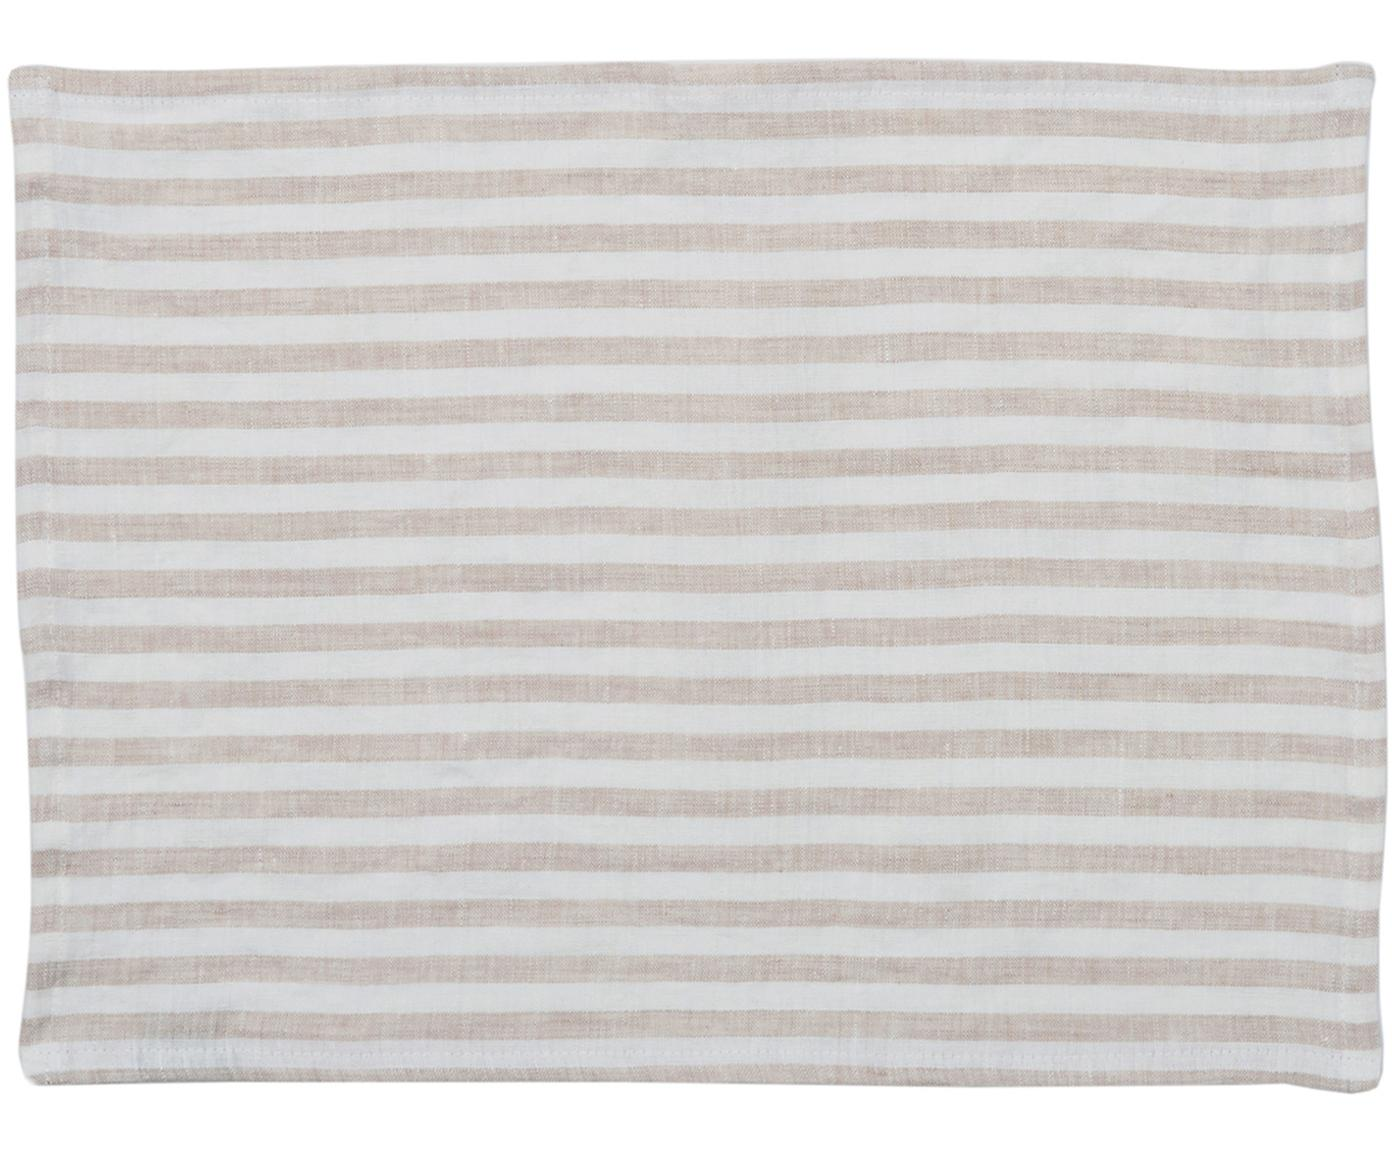 Leinen Tischsets Solami, 2 Stück, Leinen, Beige, Weiss, 35 x 45 cm